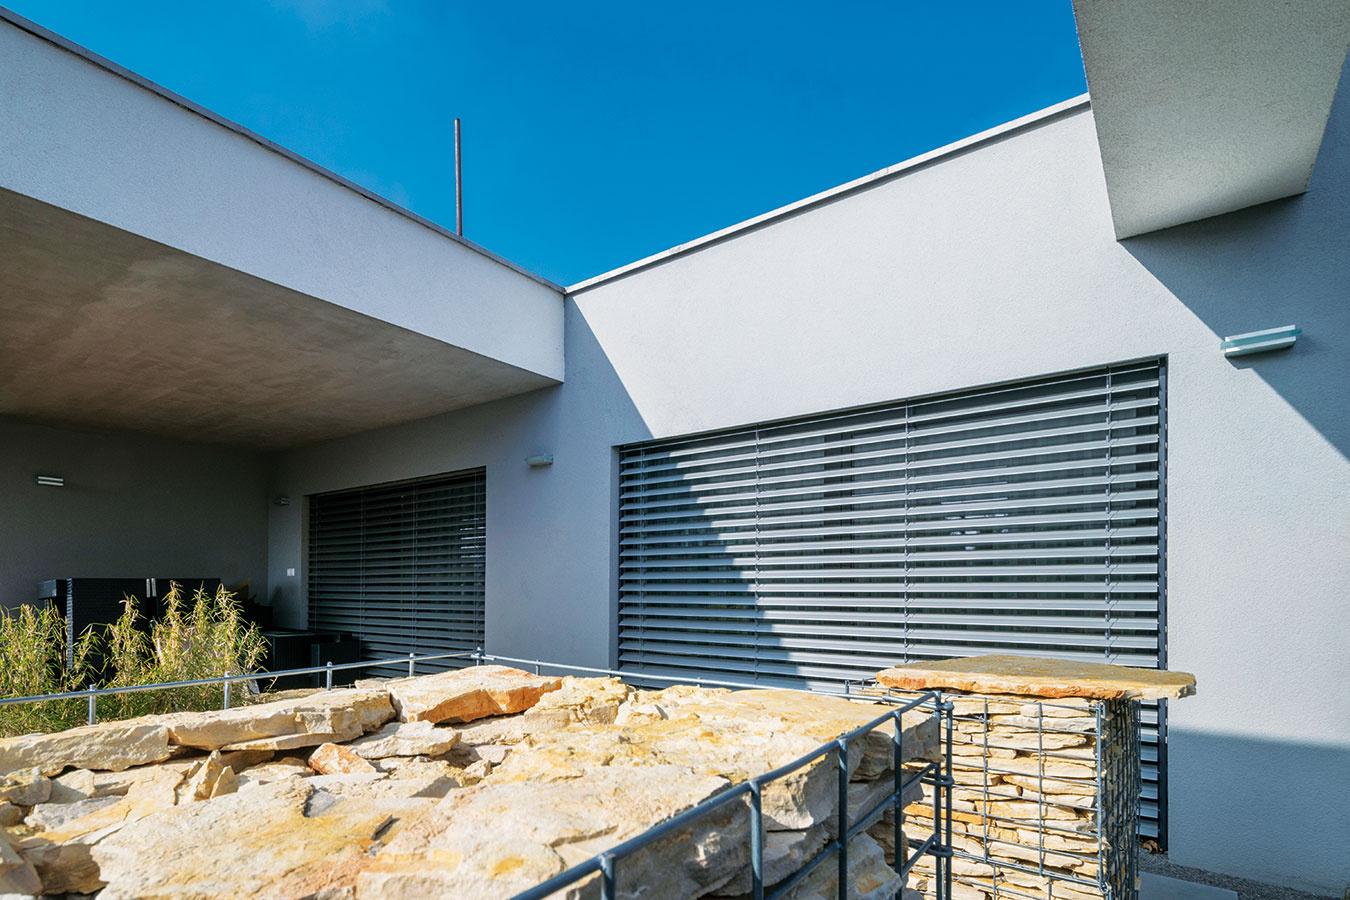 Štruktúra afarba gabiónov voplotení neveľkého pozemku príjemne dopĺňa minimalistickú fasádu moderného bungalovu.